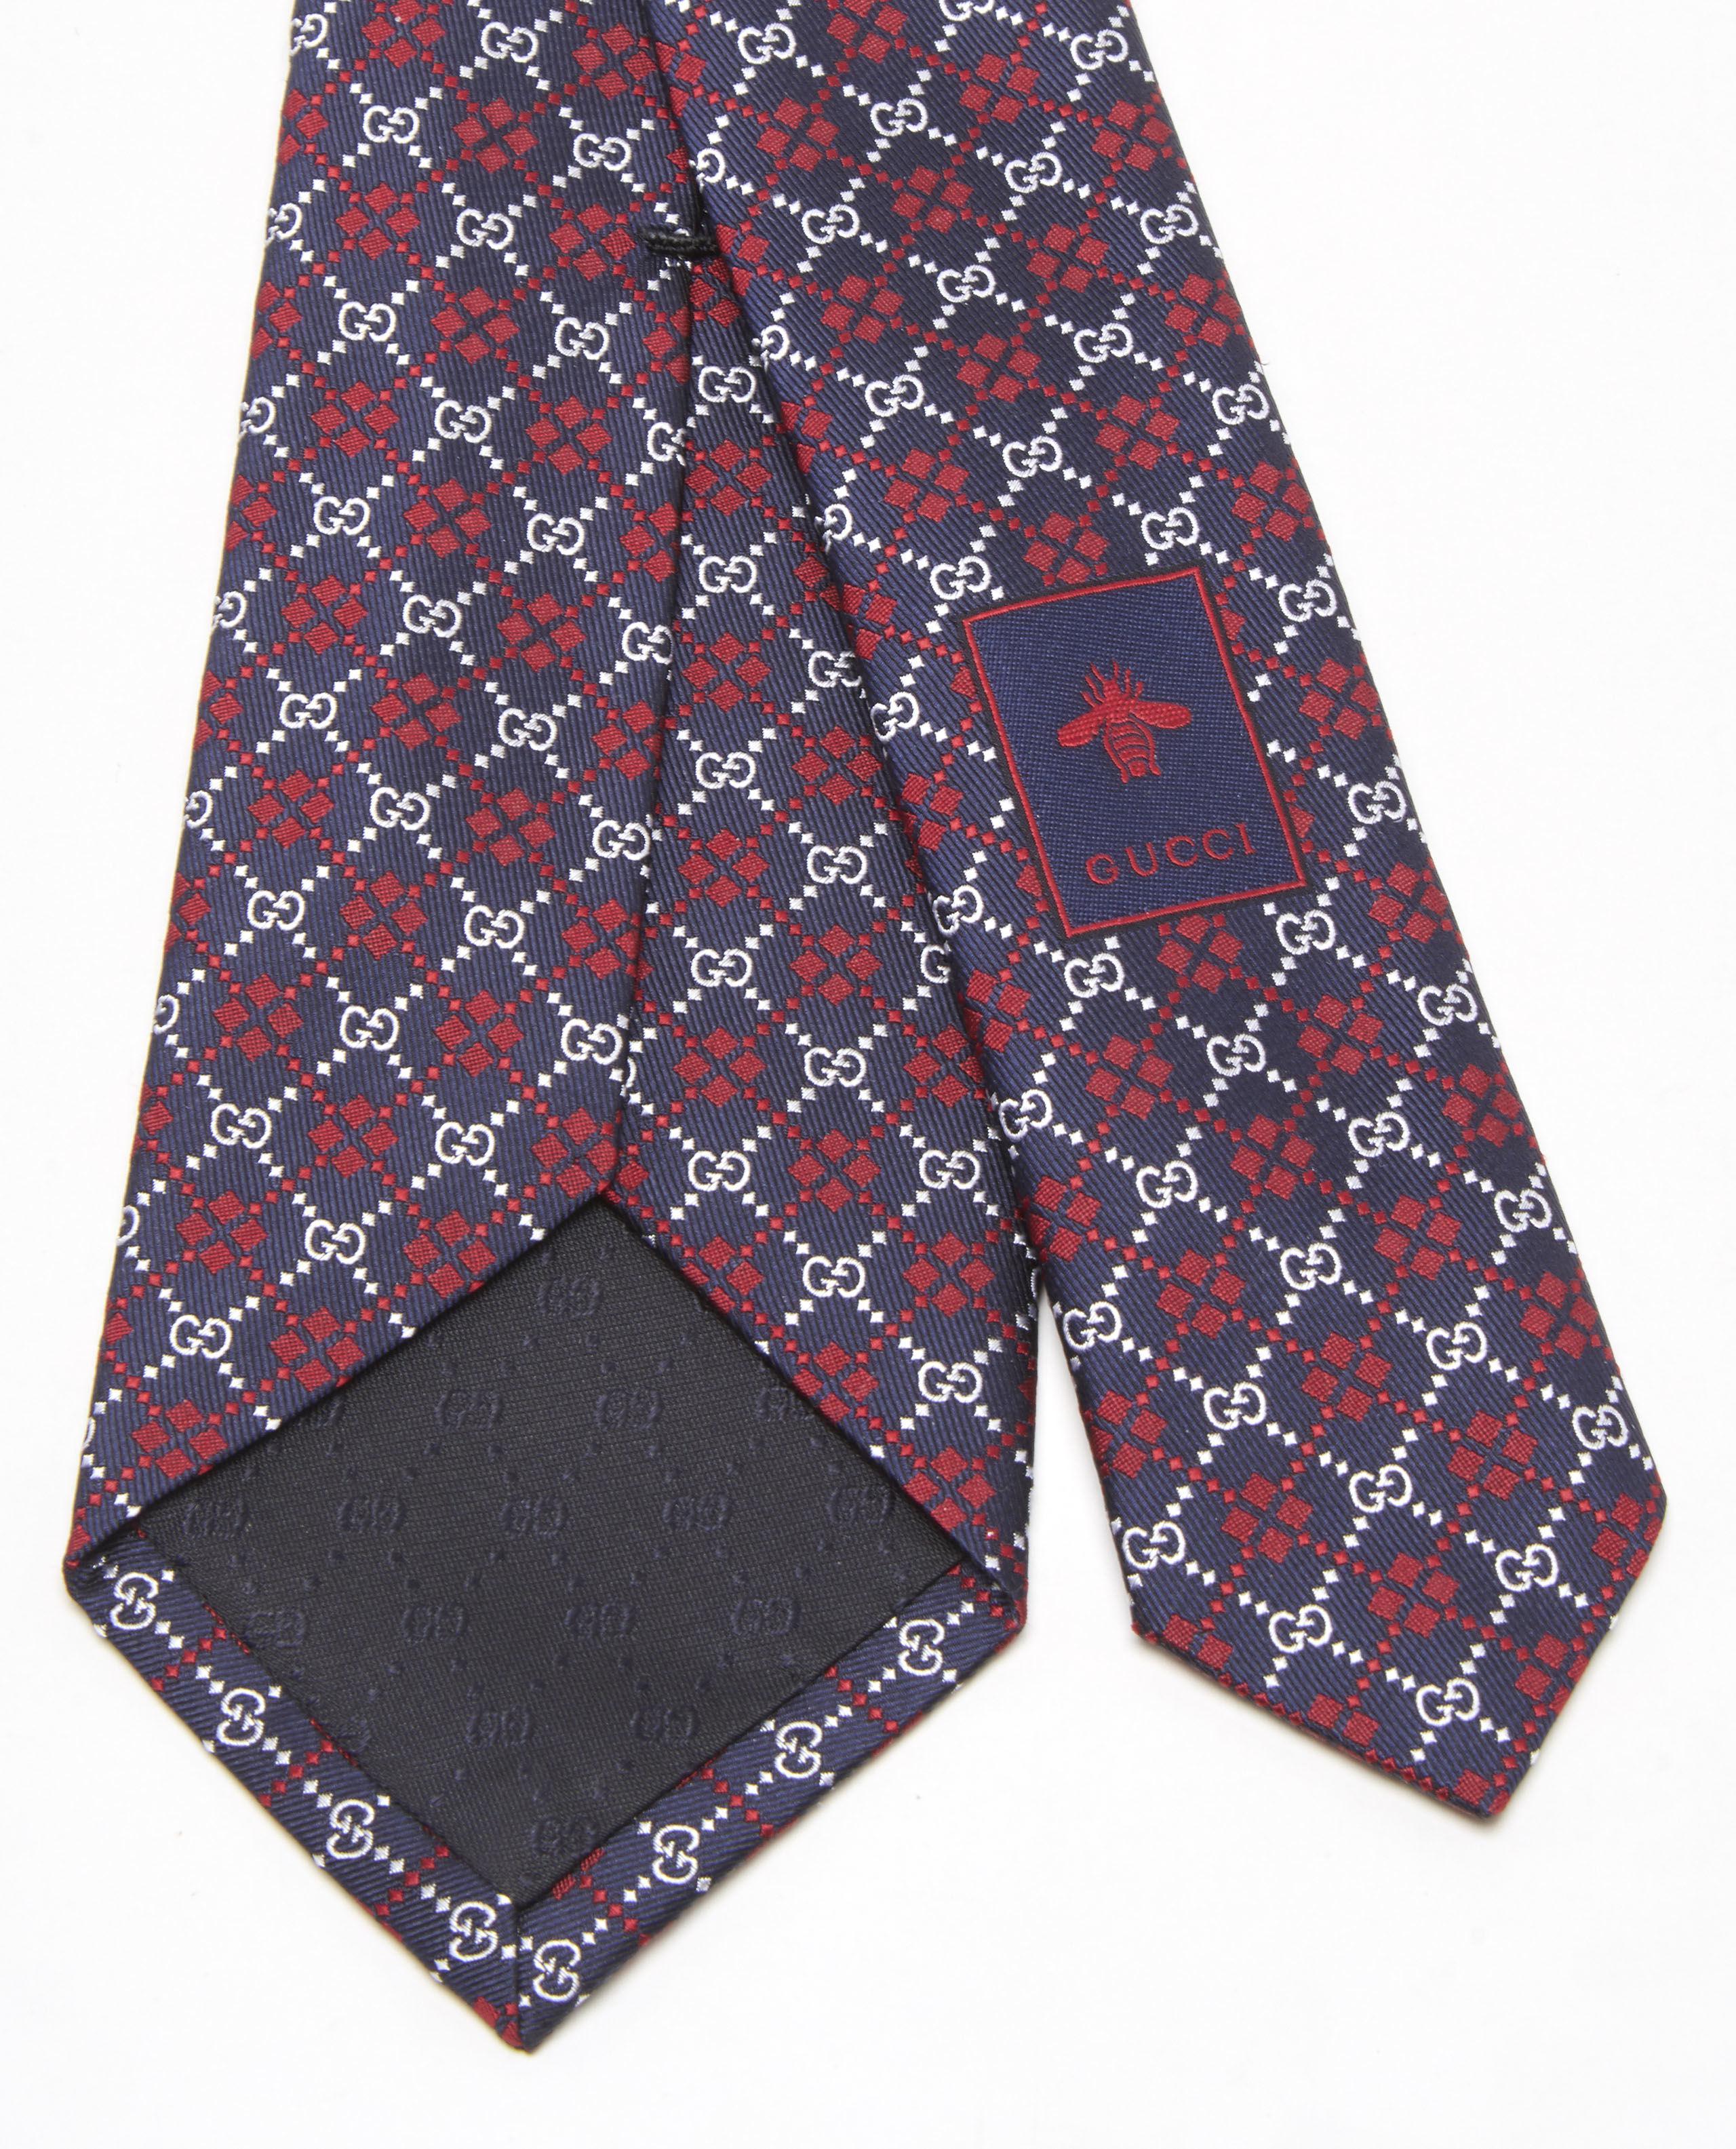 bcc57e99959 Lyst - Gucci GG Diamond Silk Tie in Blue for Men